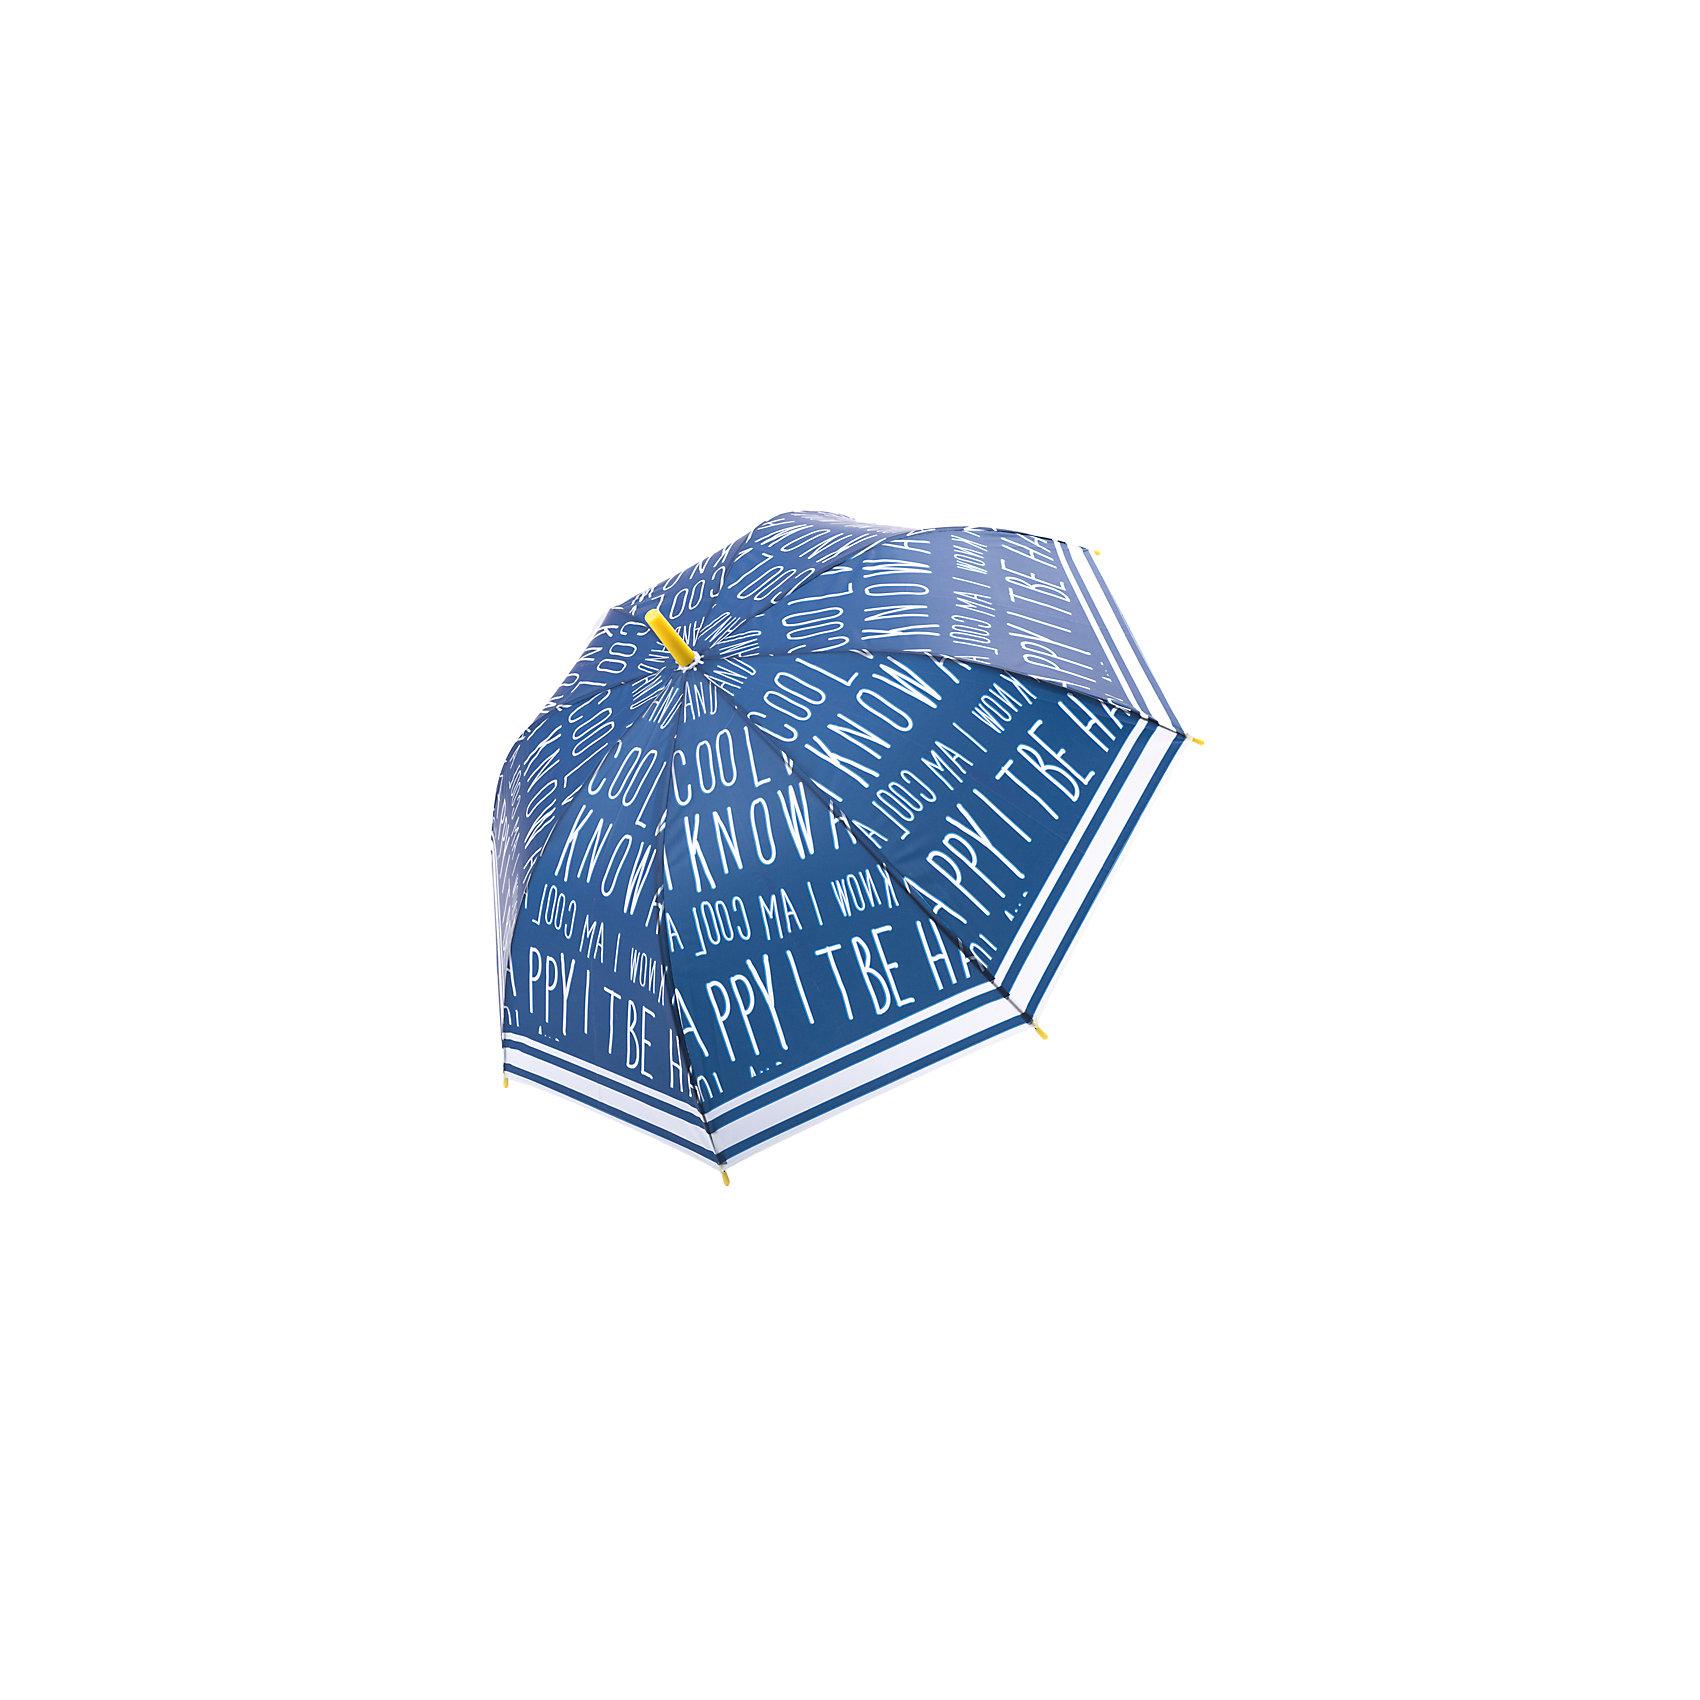 Зонт для девочки ScoolЗонт для девочки Scool<br>Этот зонтик обязательно понравится Вашему ребенку! Оснащен специальной безопасной системой открывания и закрывания. Материал каркаса ветроустойчивый. Концы спиц снабжены пластмассовыми наконечниками для защиты от травм. Такой зонт идеально подойдет для прогулок в дождливую погоду.Преимущества: Оснащен специальной безопасной системой открывания и закрыванияКонцы спиц снабжены пластмассовыми наконечниками для защиты от травм<br>Состав:<br>Каркас: 100:сталь; Купол: 100%полиэстер; Ручка:100% АБС пластик<br><br>Ширина мм: 170<br>Глубина мм: 157<br>Высота мм: 67<br>Вес г: 117<br>Цвет: разноцветный<br>Возраст от месяцев: 60<br>Возраст до месяцев: 1188<br>Пол: Женский<br>Возраст: Детский<br>Размер: one size<br>SKU: 5407167